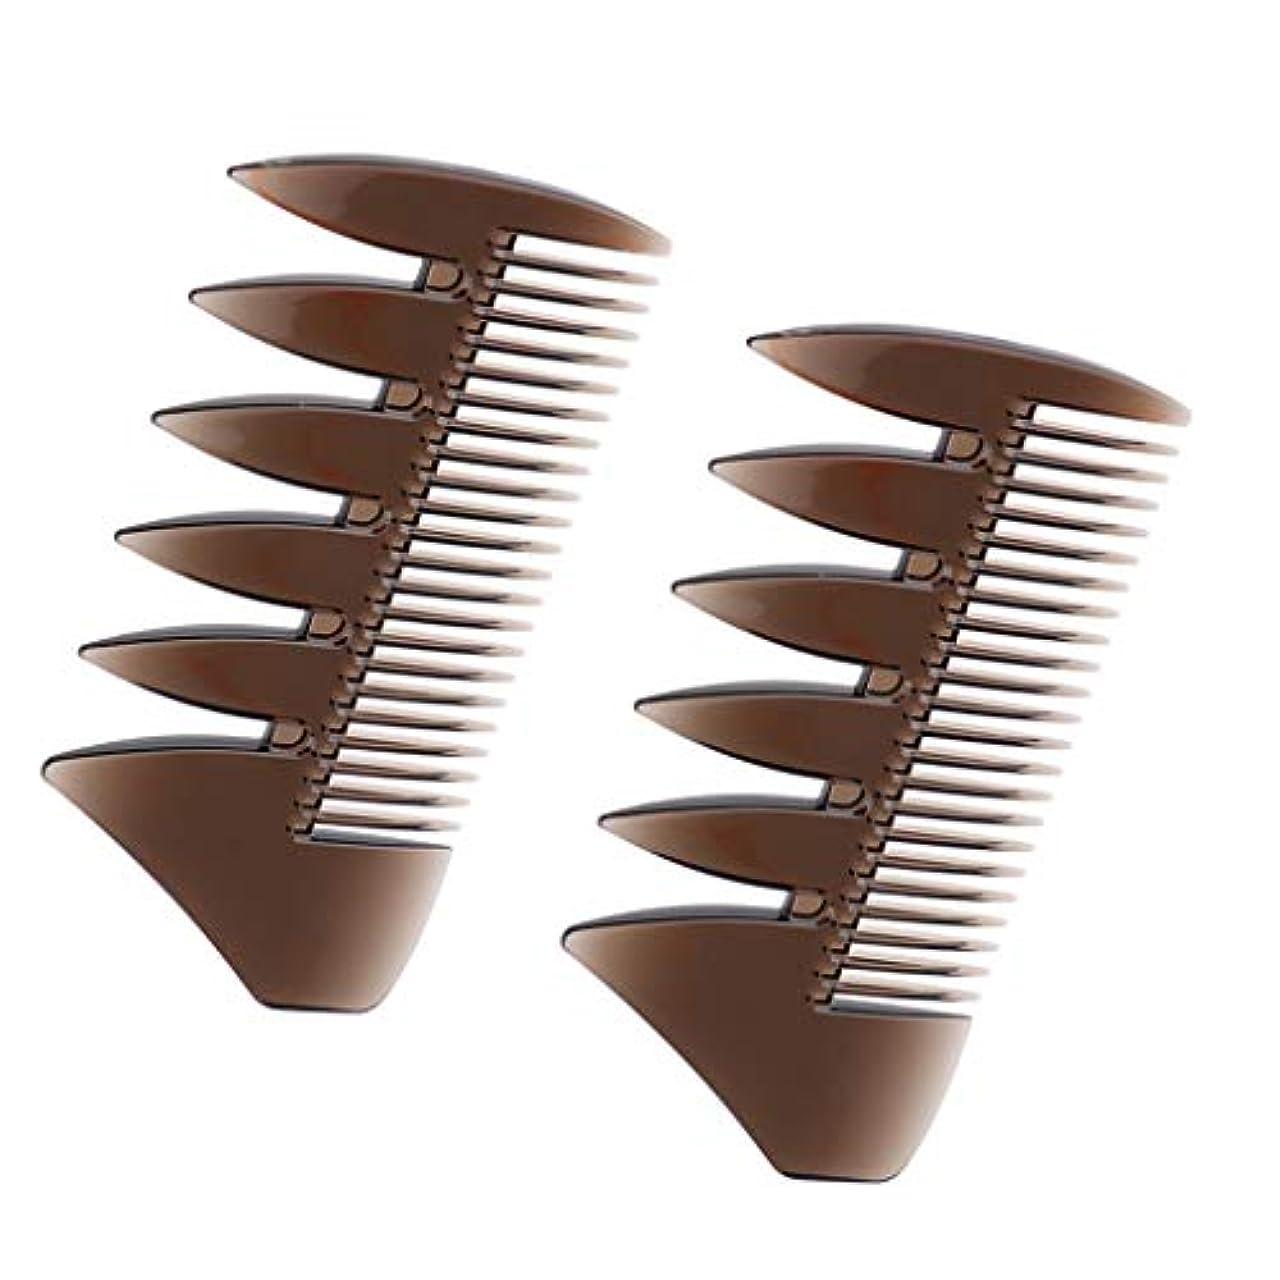 安全な終わり上がるヘアコンビ デュアルサイド メンズ 髪櫛 ヘアサロン ヘアスタイリング 散髪店/美容院専用櫛2個入